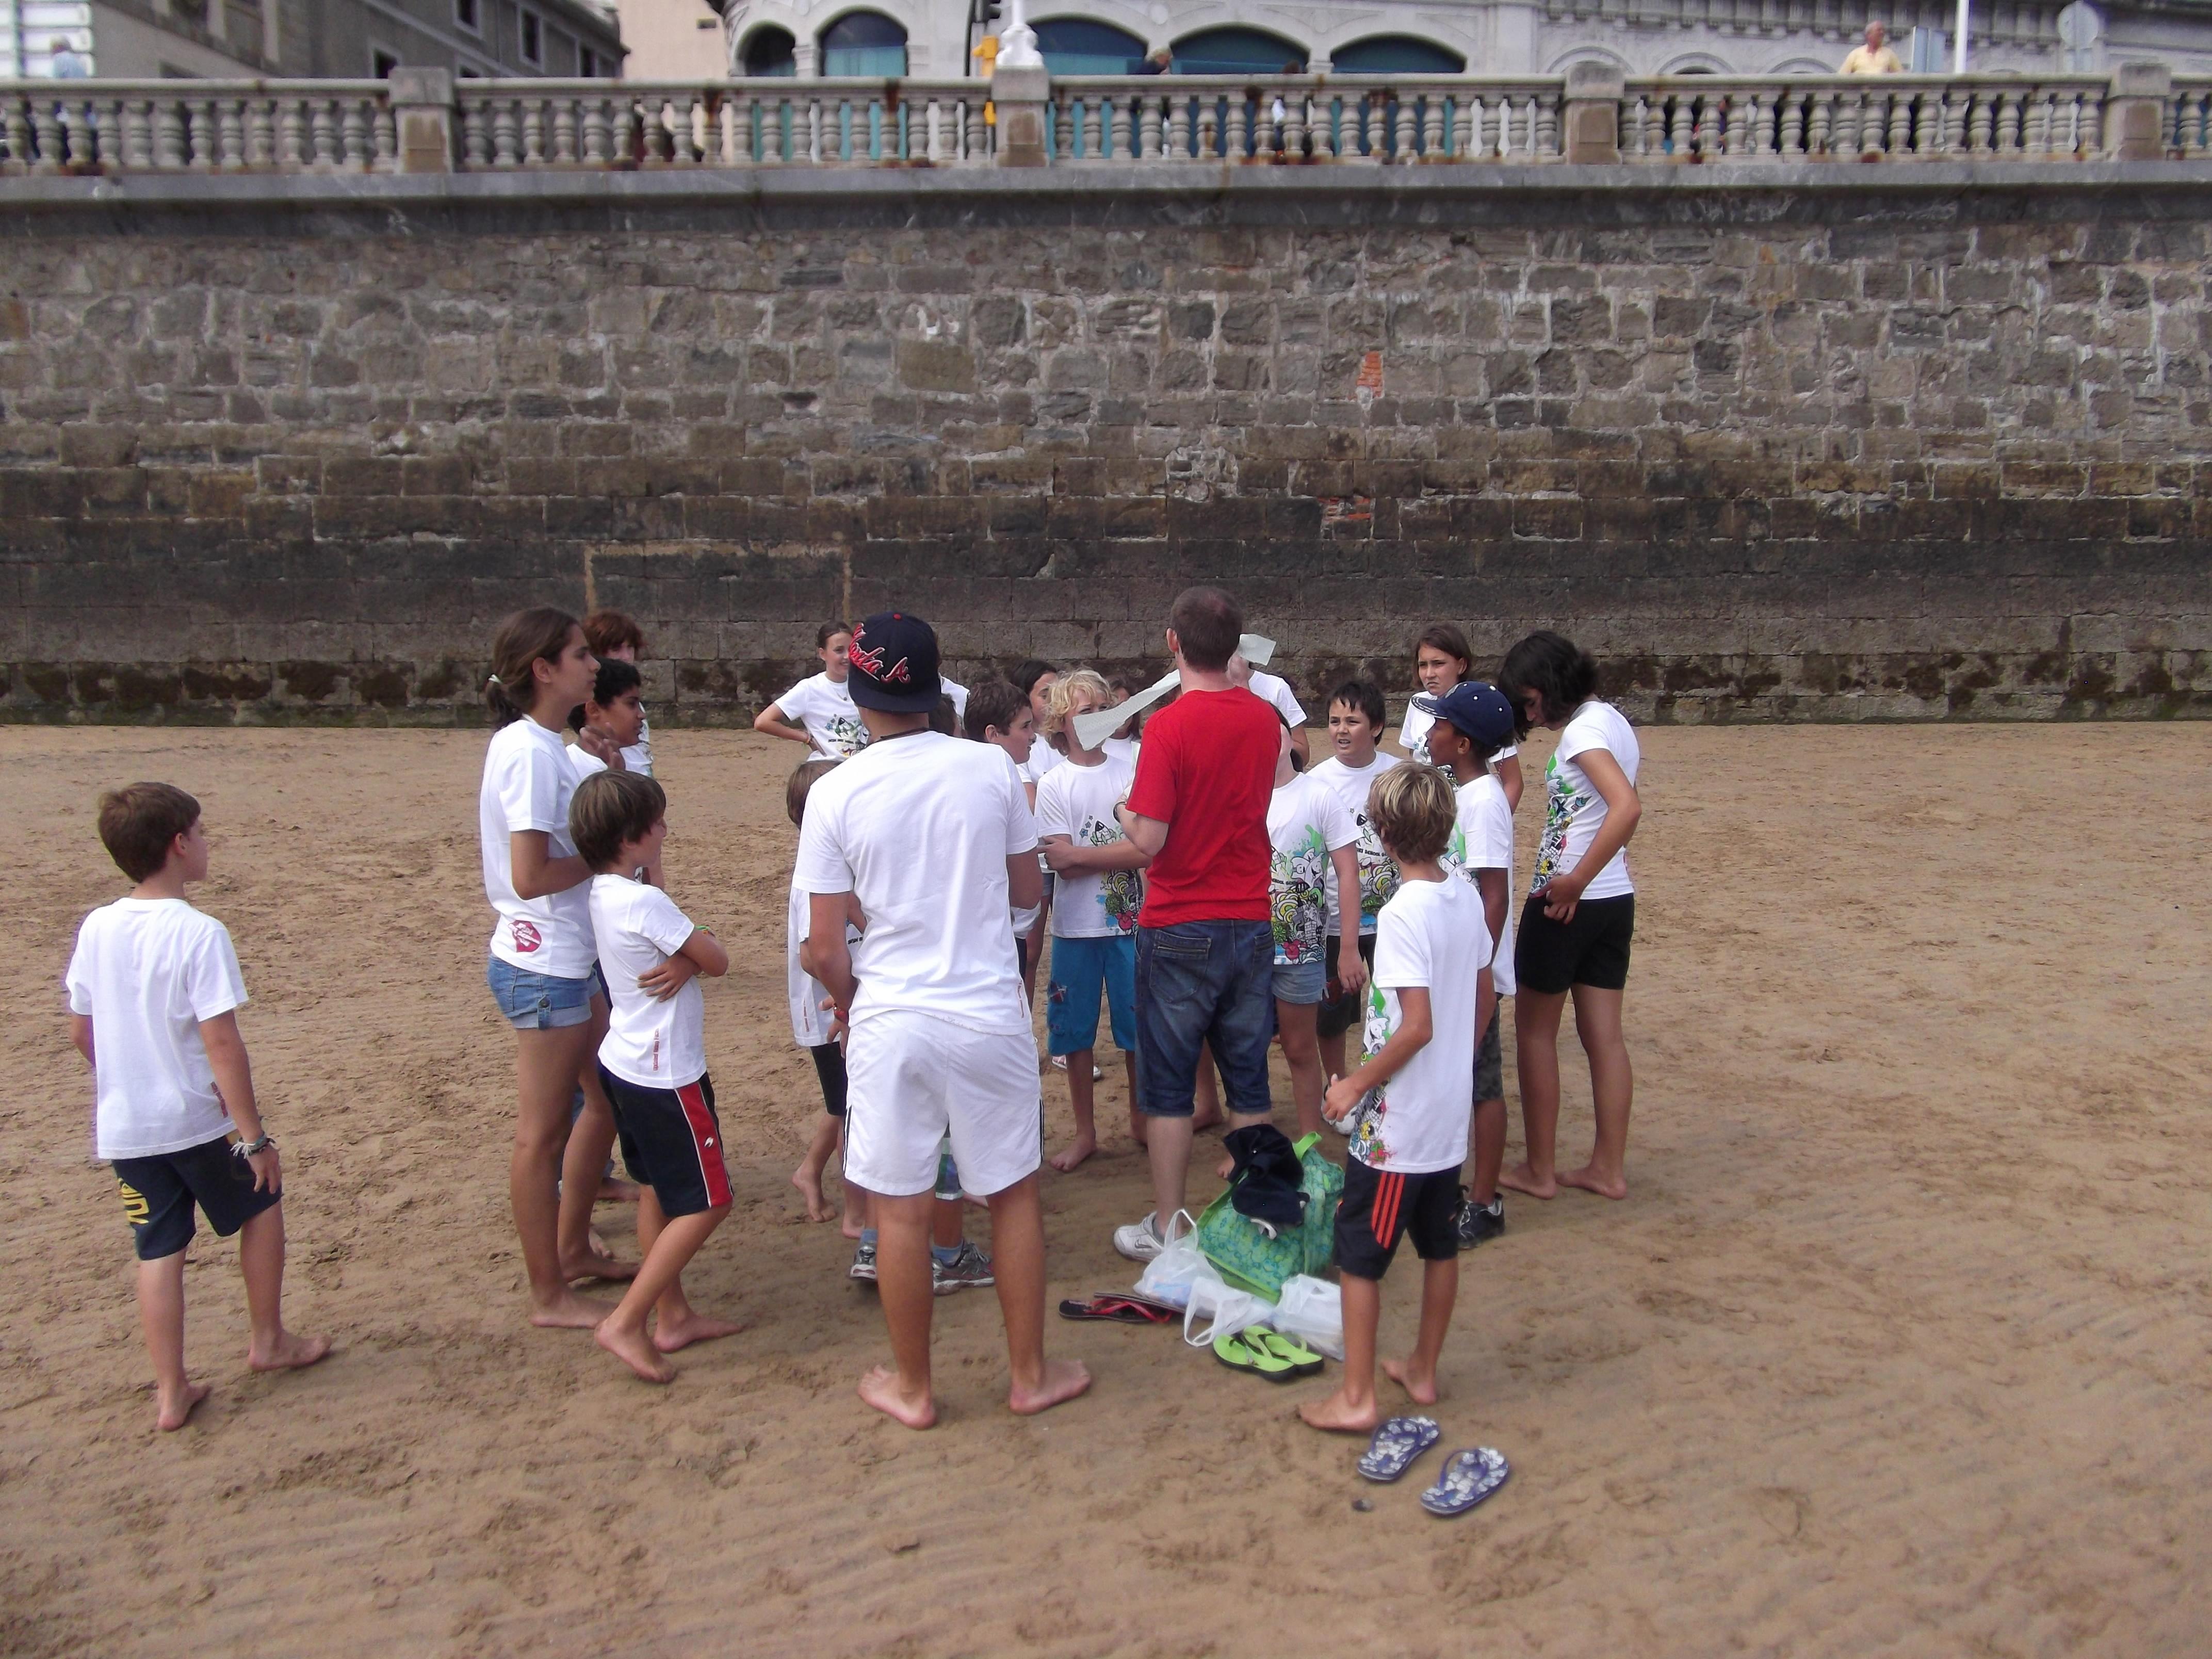 Organizando juegos en la playa.